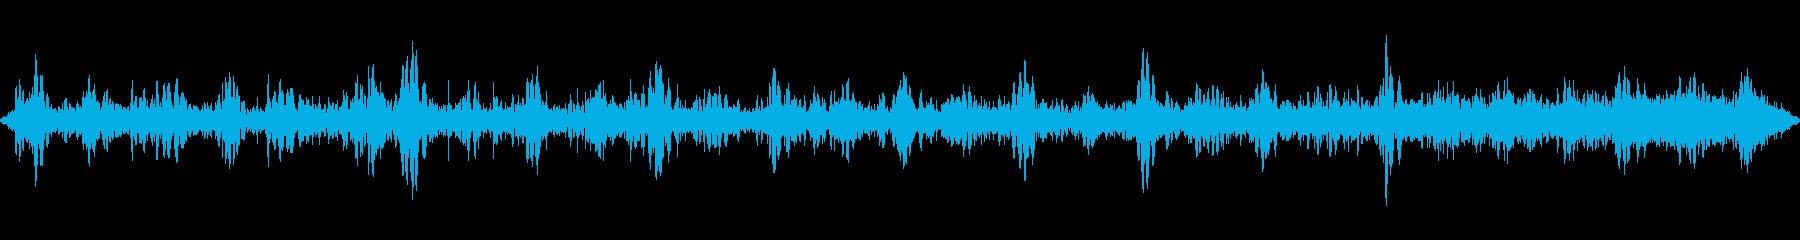 渋谷の街の音の再生済みの波形